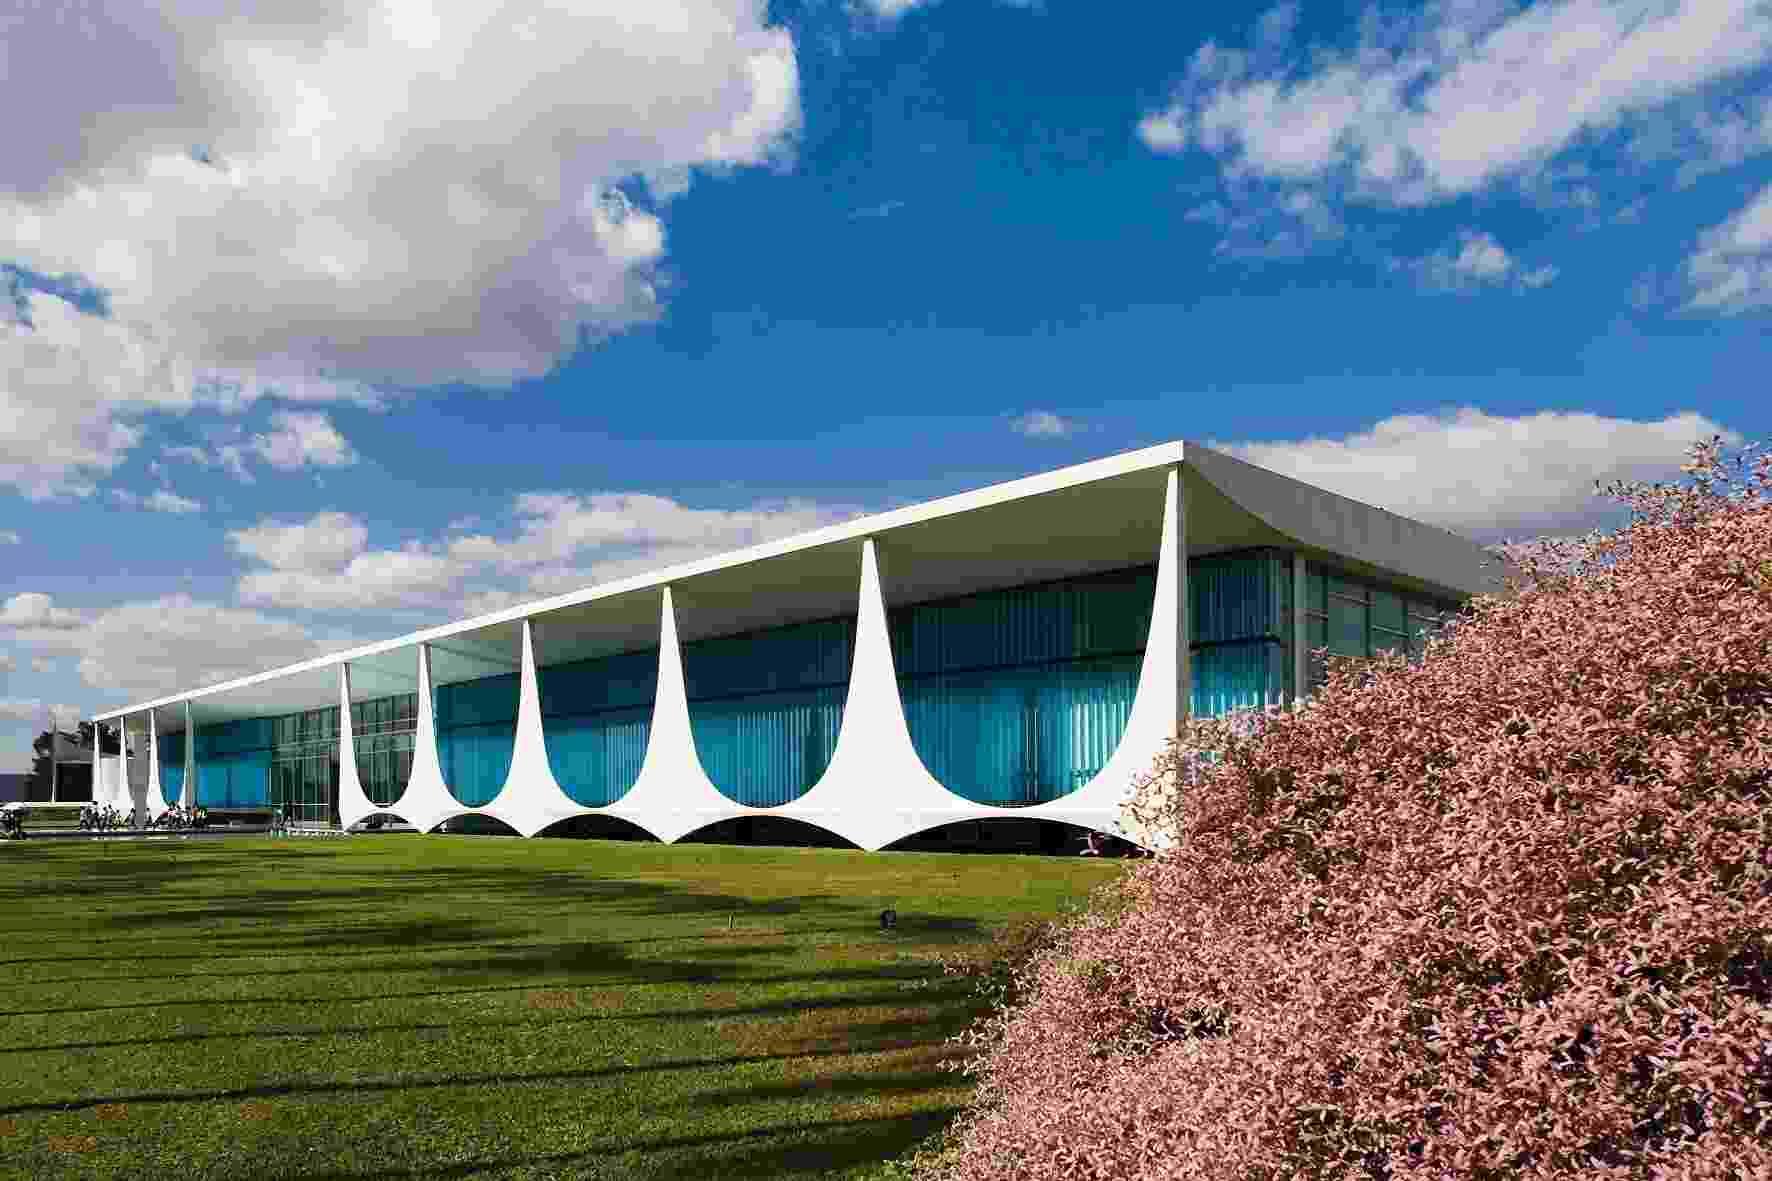 Com raízes na tradição brasileira, especialmente nas casas das grandes fazendas coloniais, o Palácio da Alvorada tem concepção moderna, assinada pelo arquiteto Oscar Niemeyer. A colunata conta com formato inusitado e antecede a varanda que se estende pela fachada frontal - Leonardo Finotti/ UOL